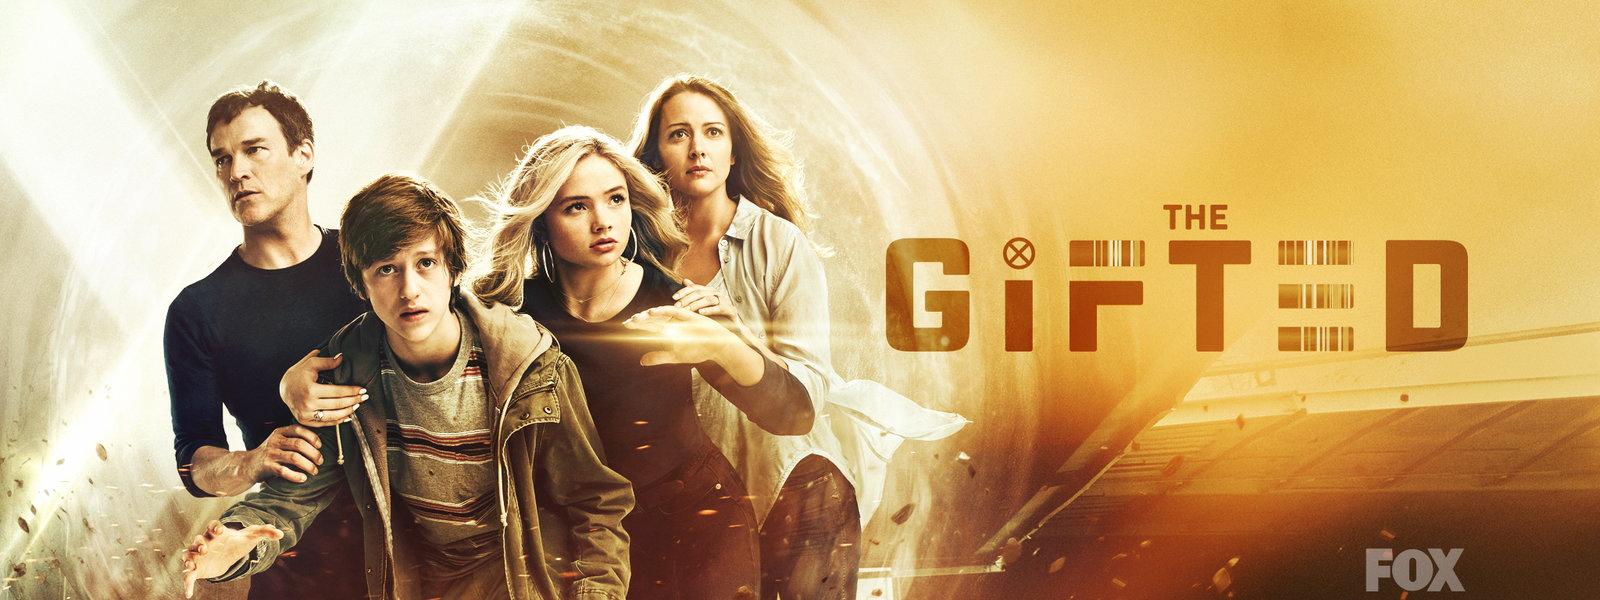 The Gifted: Los Elegidos 1x09